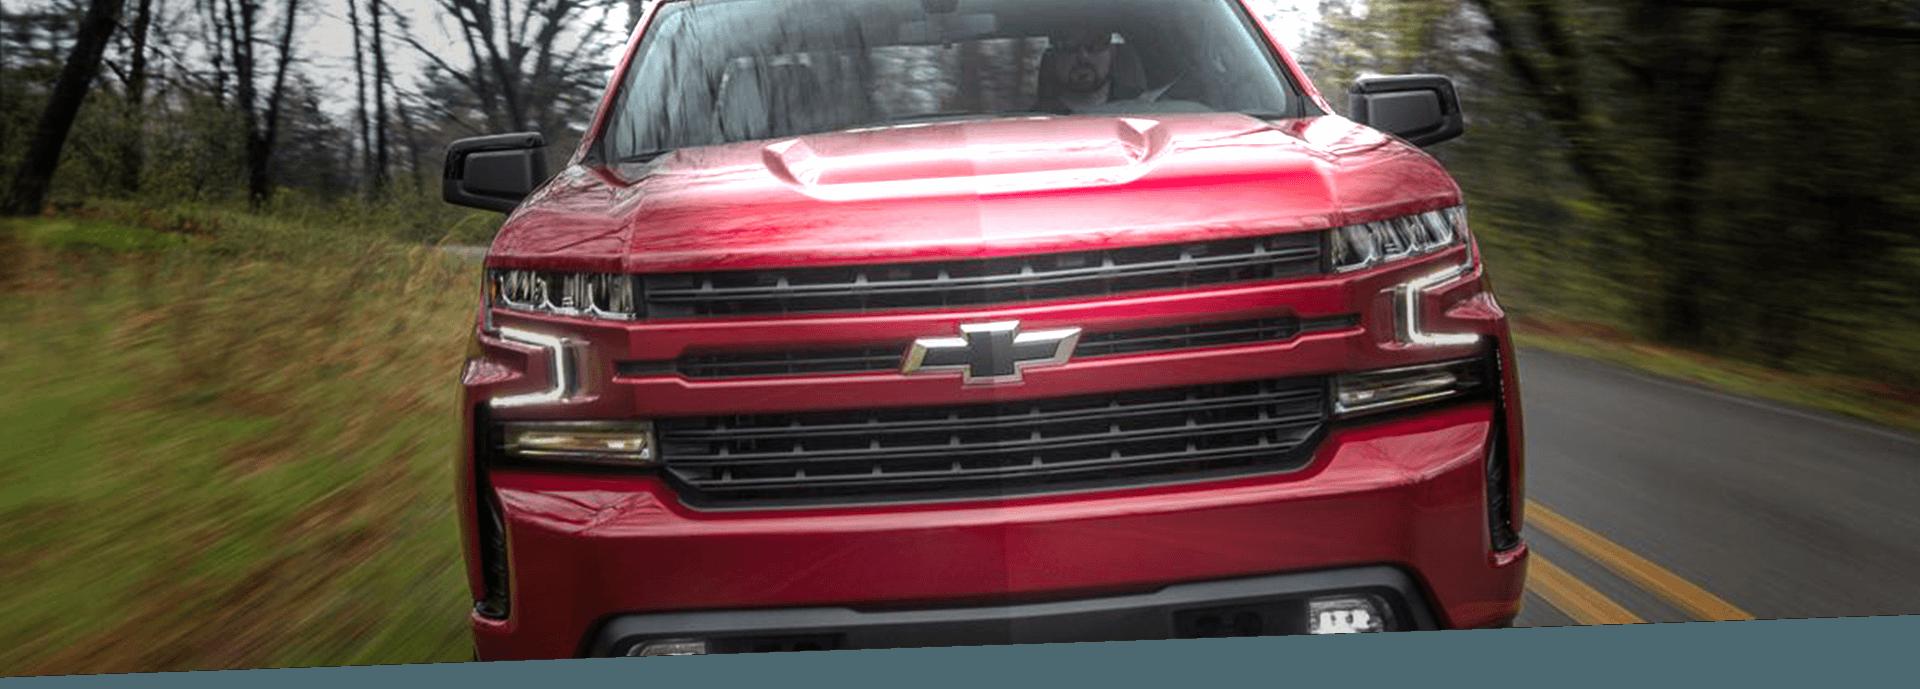 2019 Chevrolet Silverado - Reserve Yours